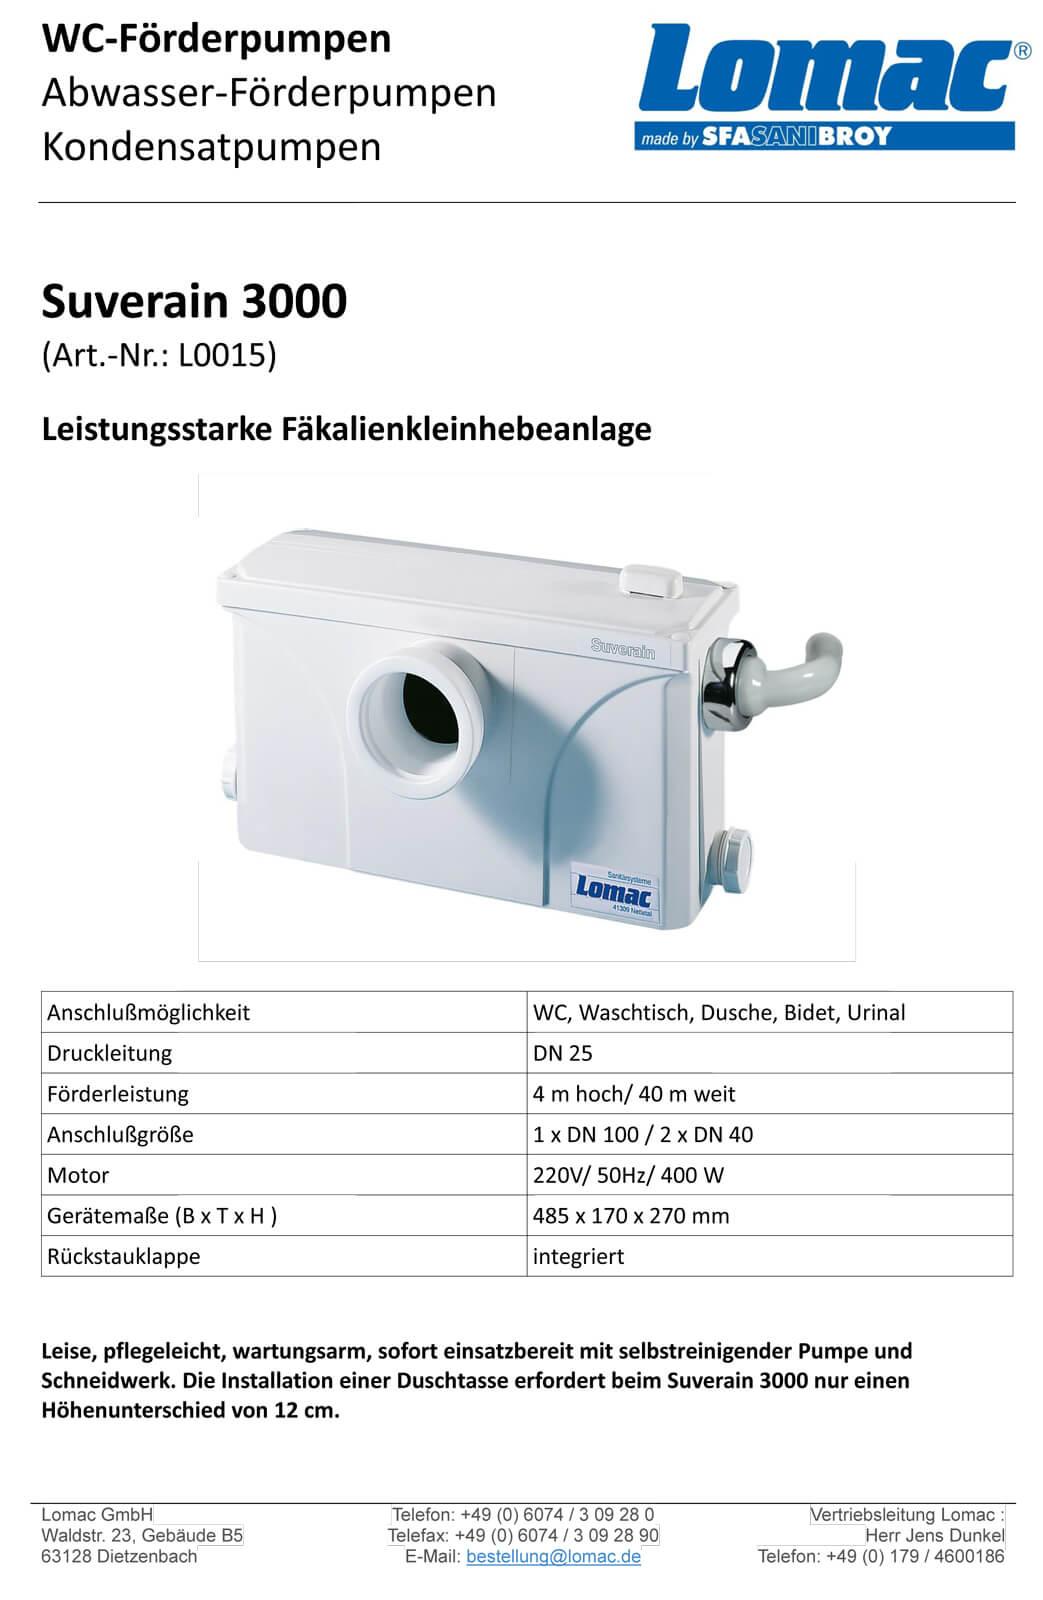 SFA Sanibroy Lomac L0015 Suverain 3000-A Fäkalienhebeanlage WC Hebeanlage Fäkalienpumpe Abwasserpumpe Schneidwerk Hecksler